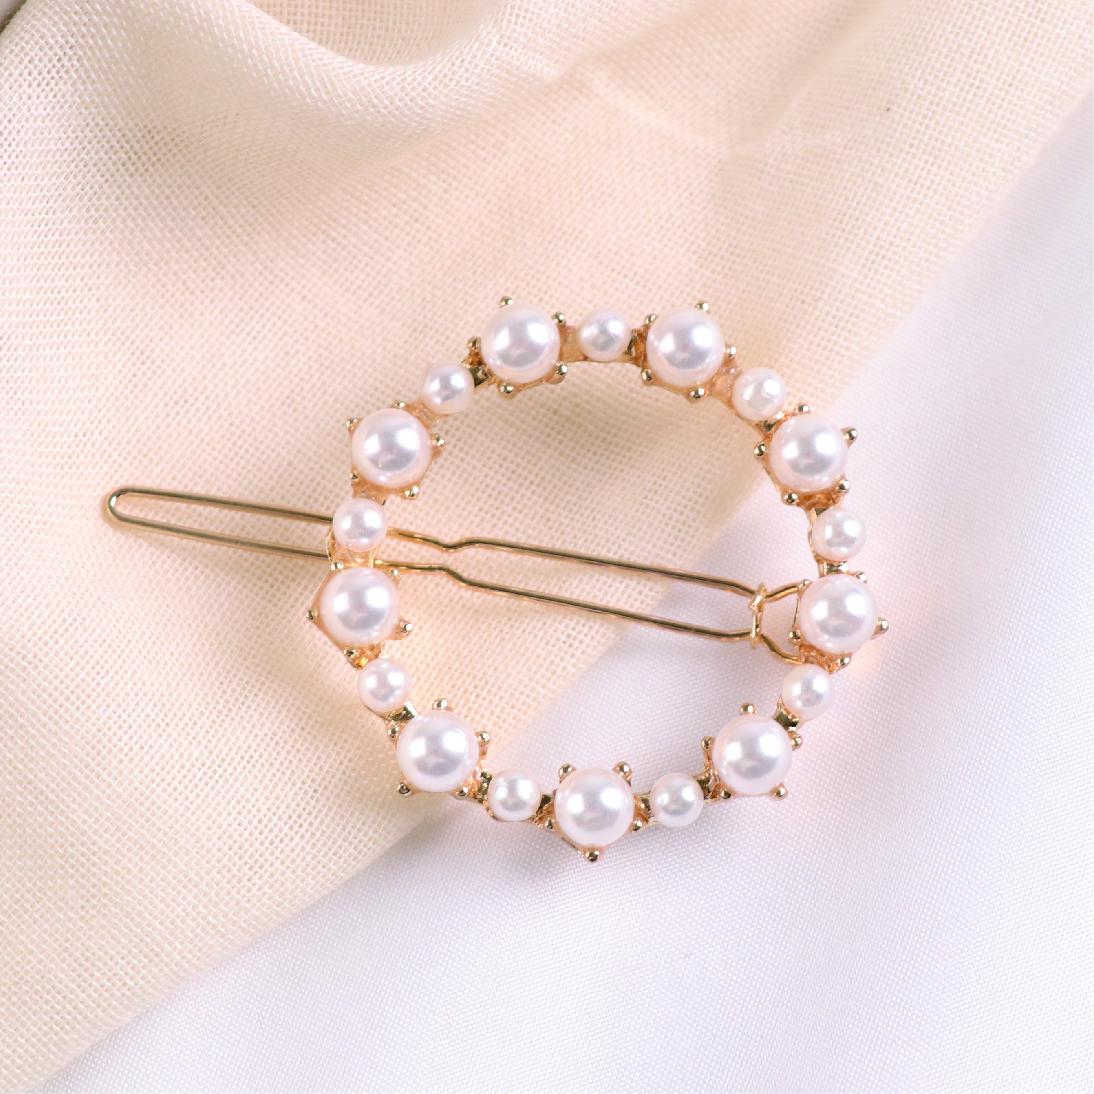 純粹珍珠圓形髮夾扣